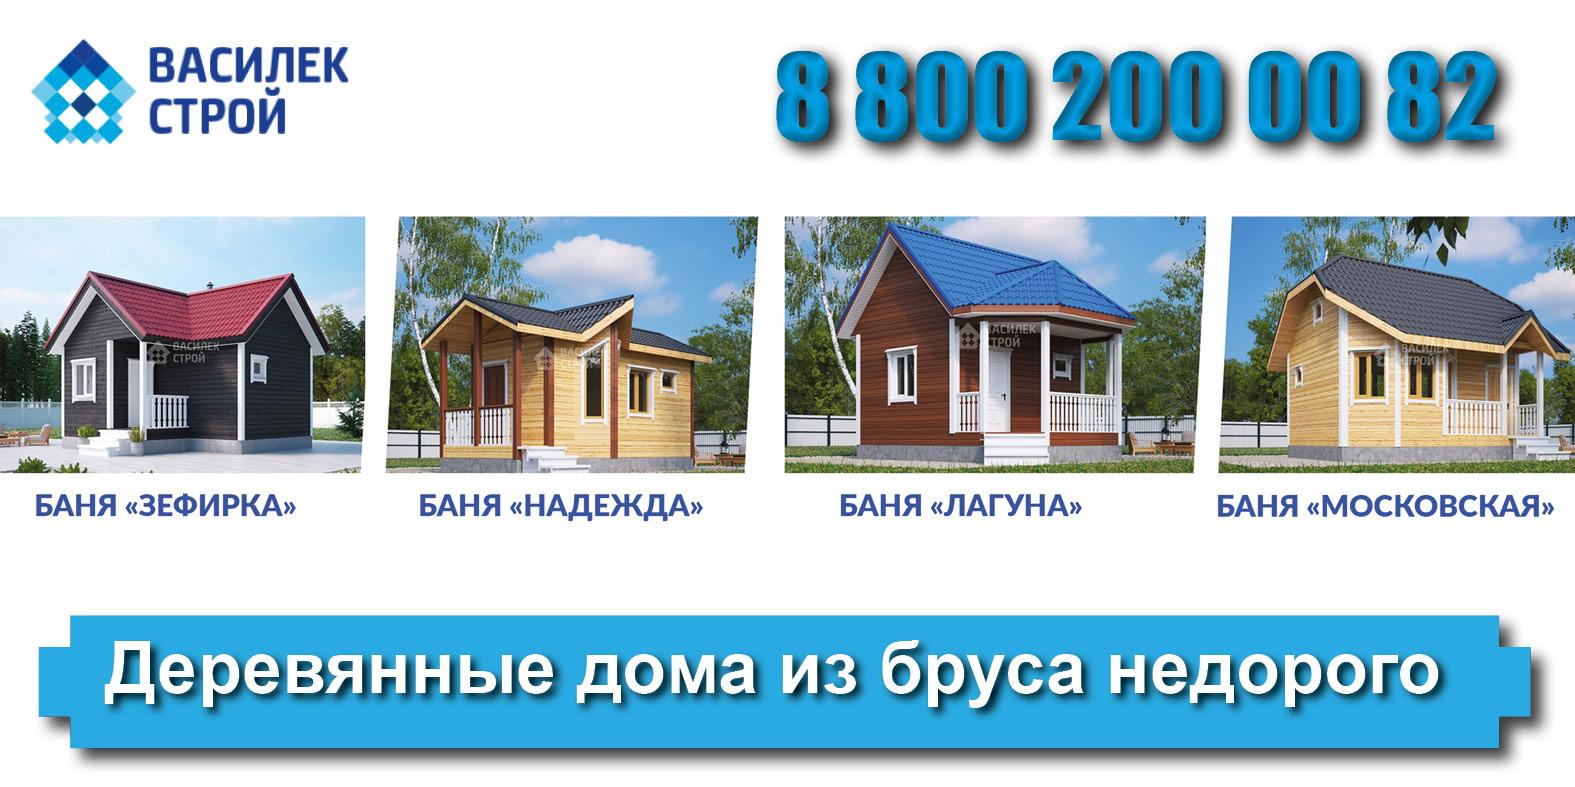 Где купить деревянный дом из бруса недорого